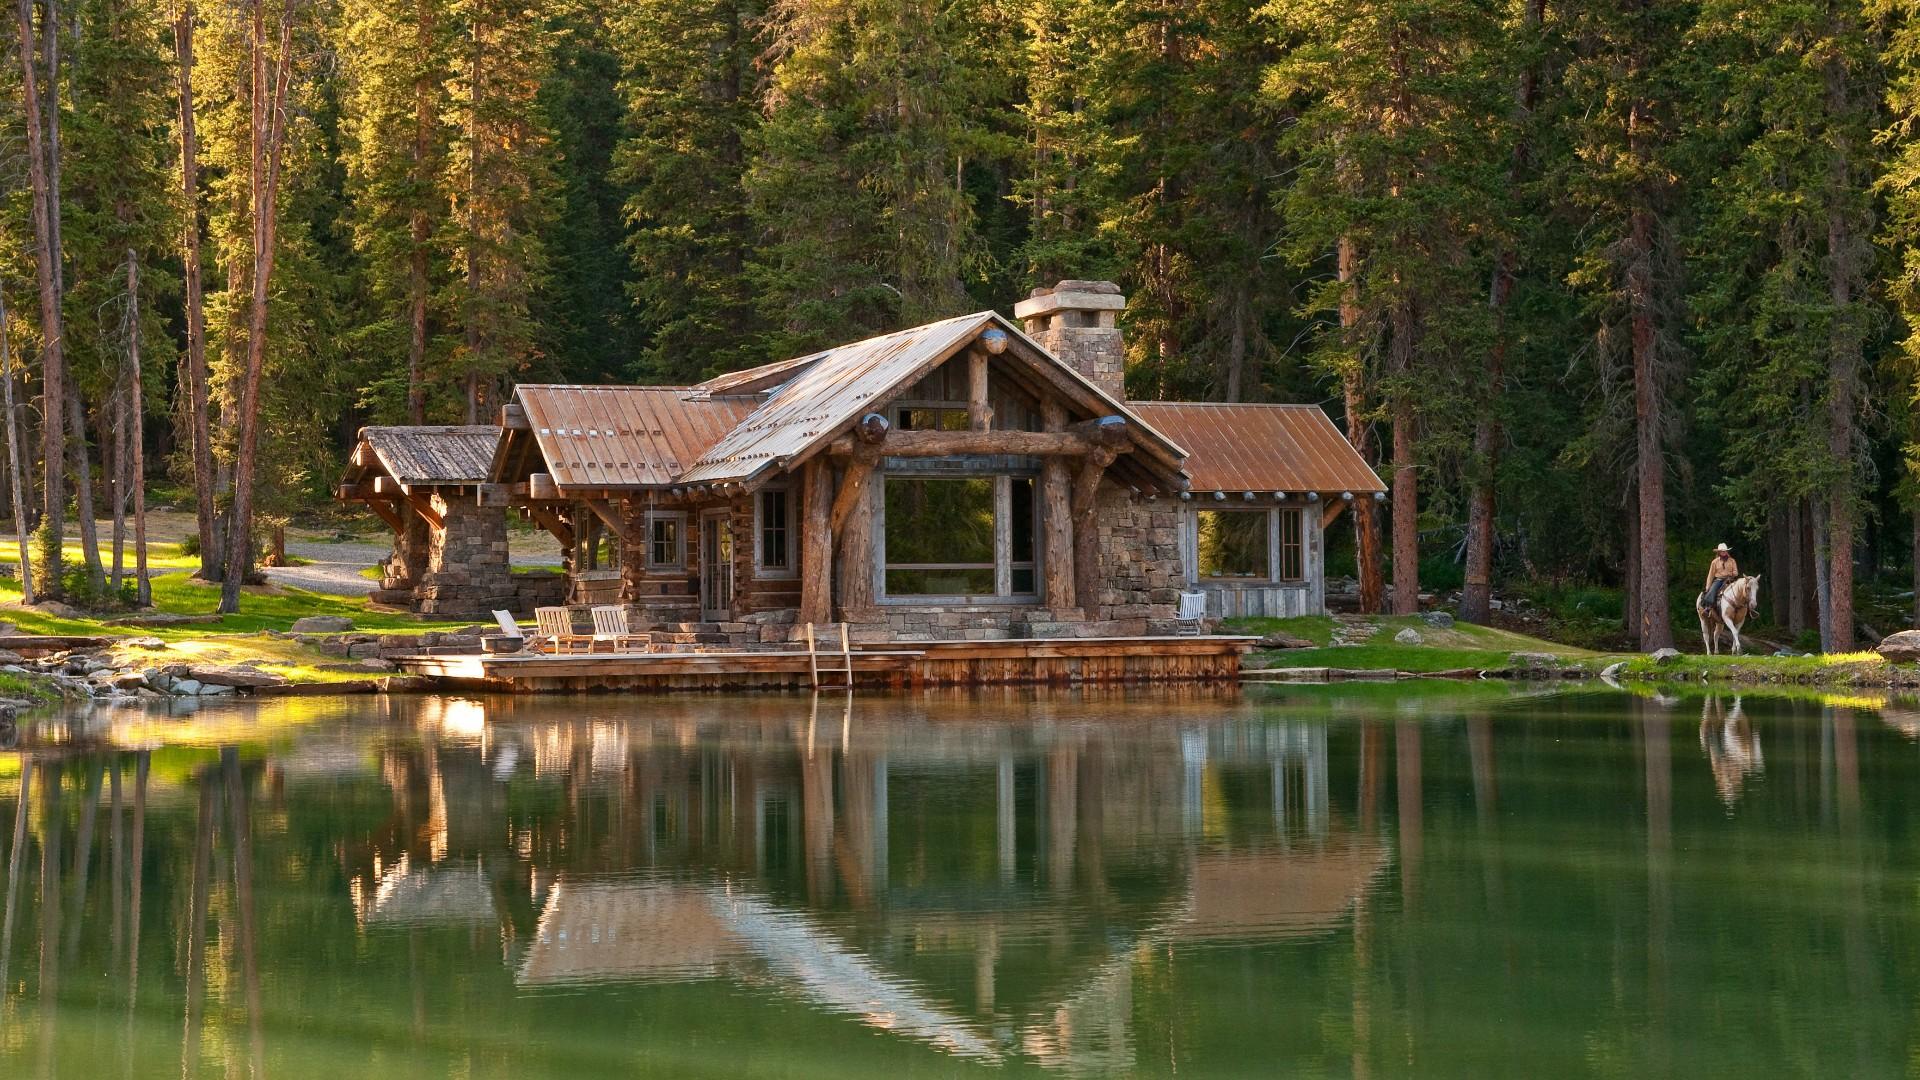 Rustic log cabin wallpaper